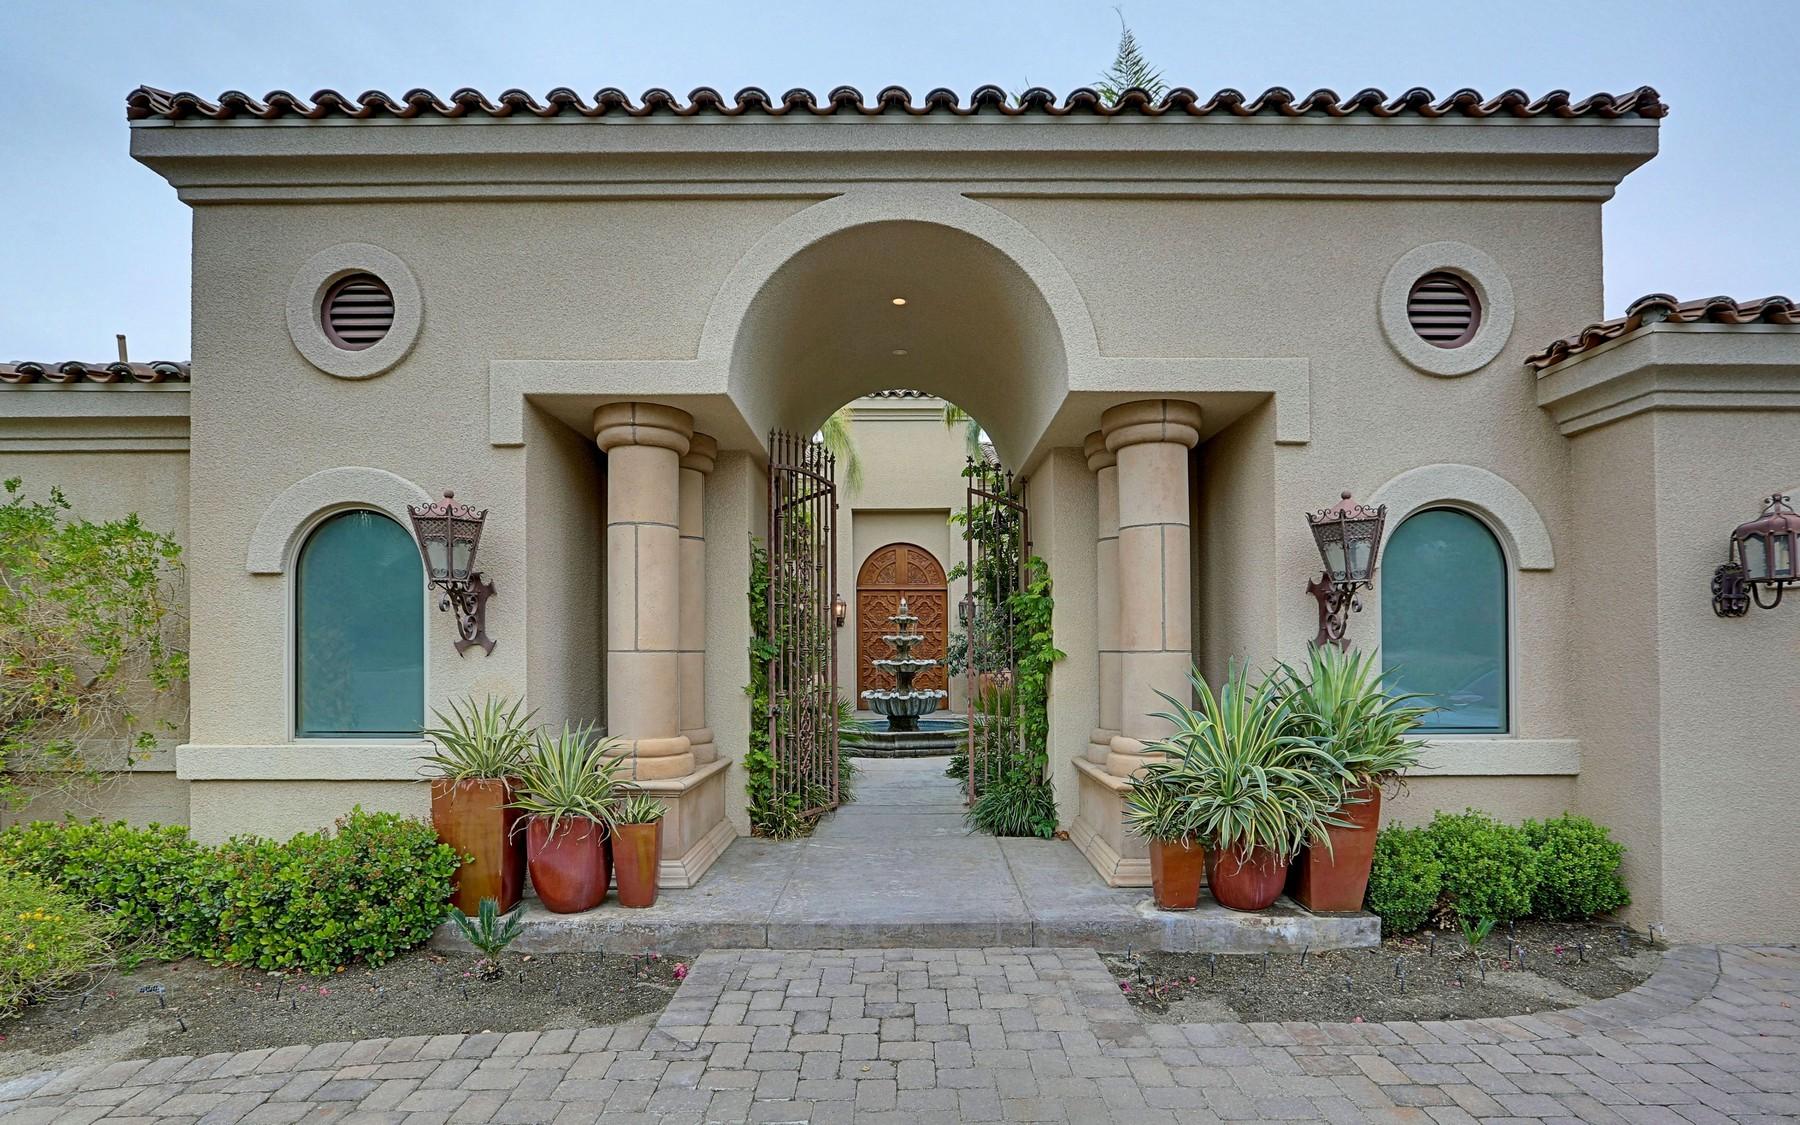 独户住宅 为 销售 在 58751 Banfield Drive La Quinta, 加利福尼亚州, 92253 美国